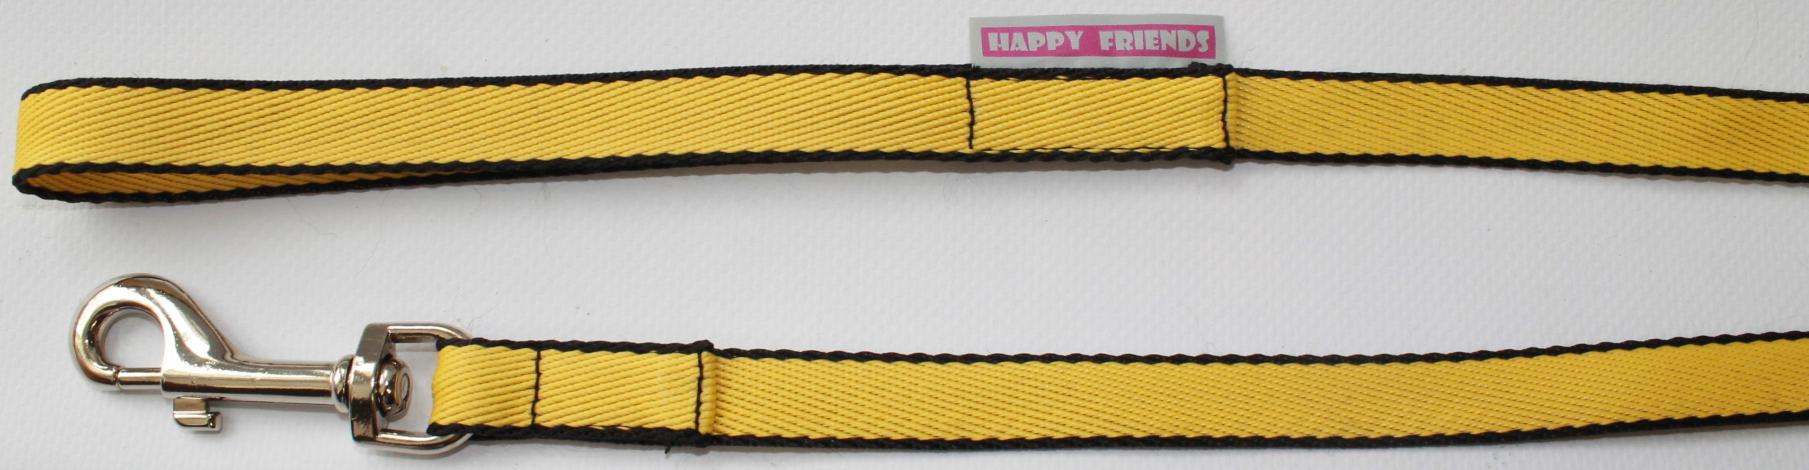 Поводок для собак Happy Friends, цвет: желтый, ширина 1,4 см, длина 2 м поводок для собак happy friends цвет красный ширина 1 см длина 2 м